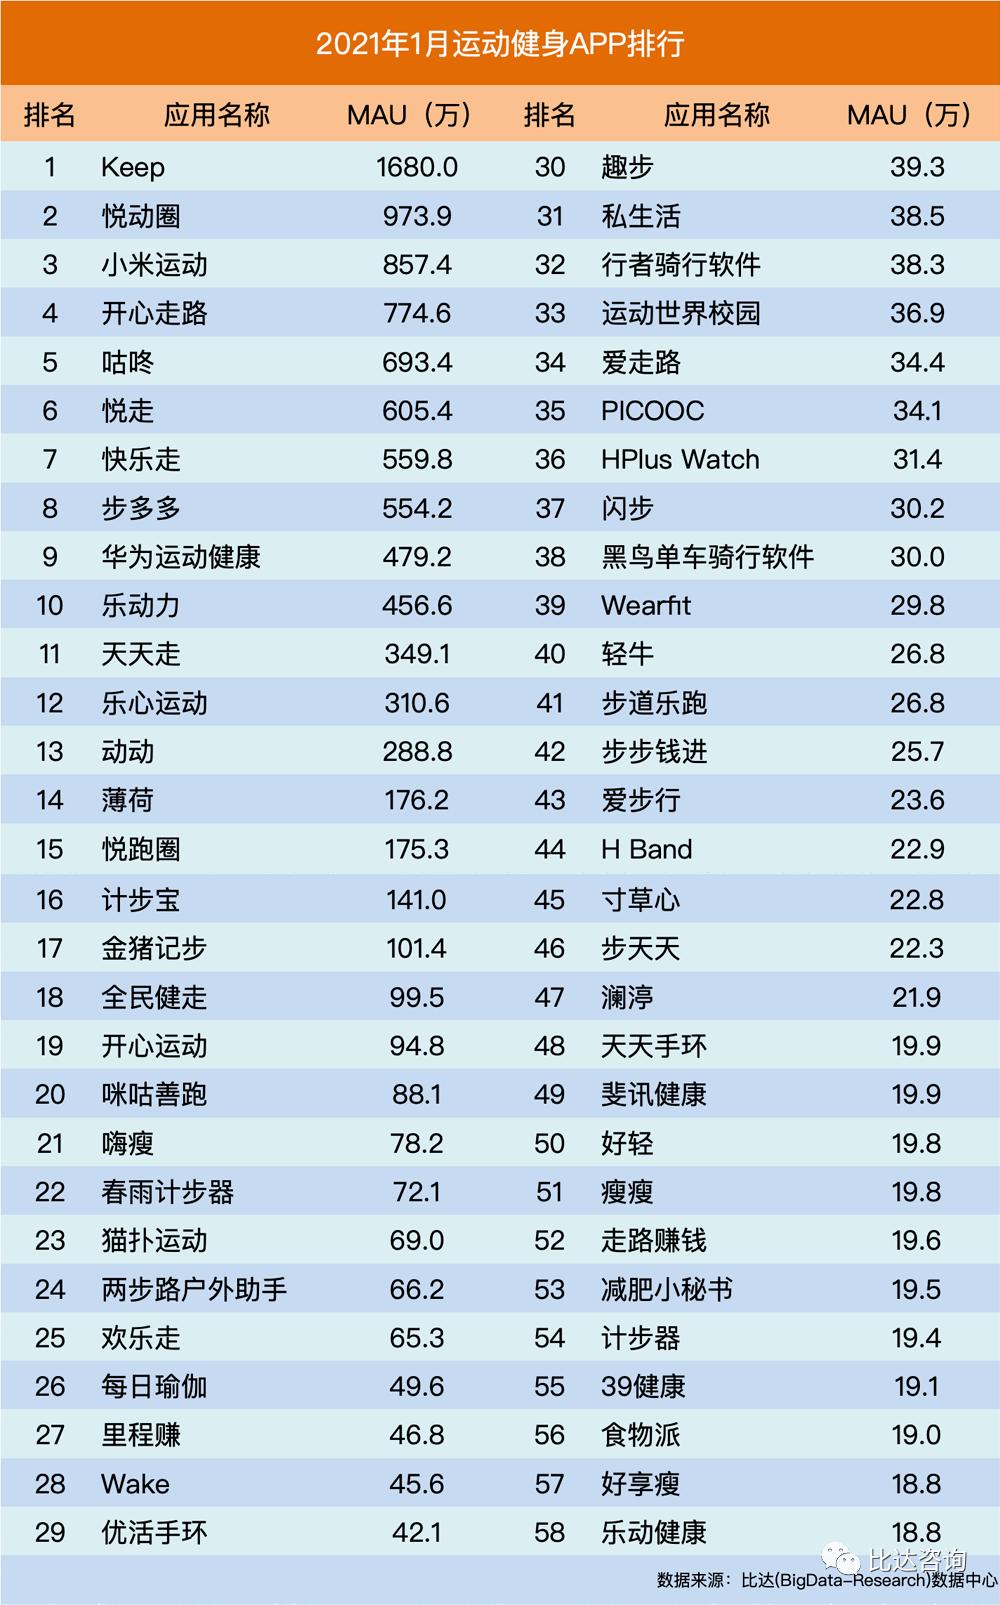 锻炼软件排行榜_2021年1月运动健身类APP排行:Keep、悦动圈和小米运动位列前三